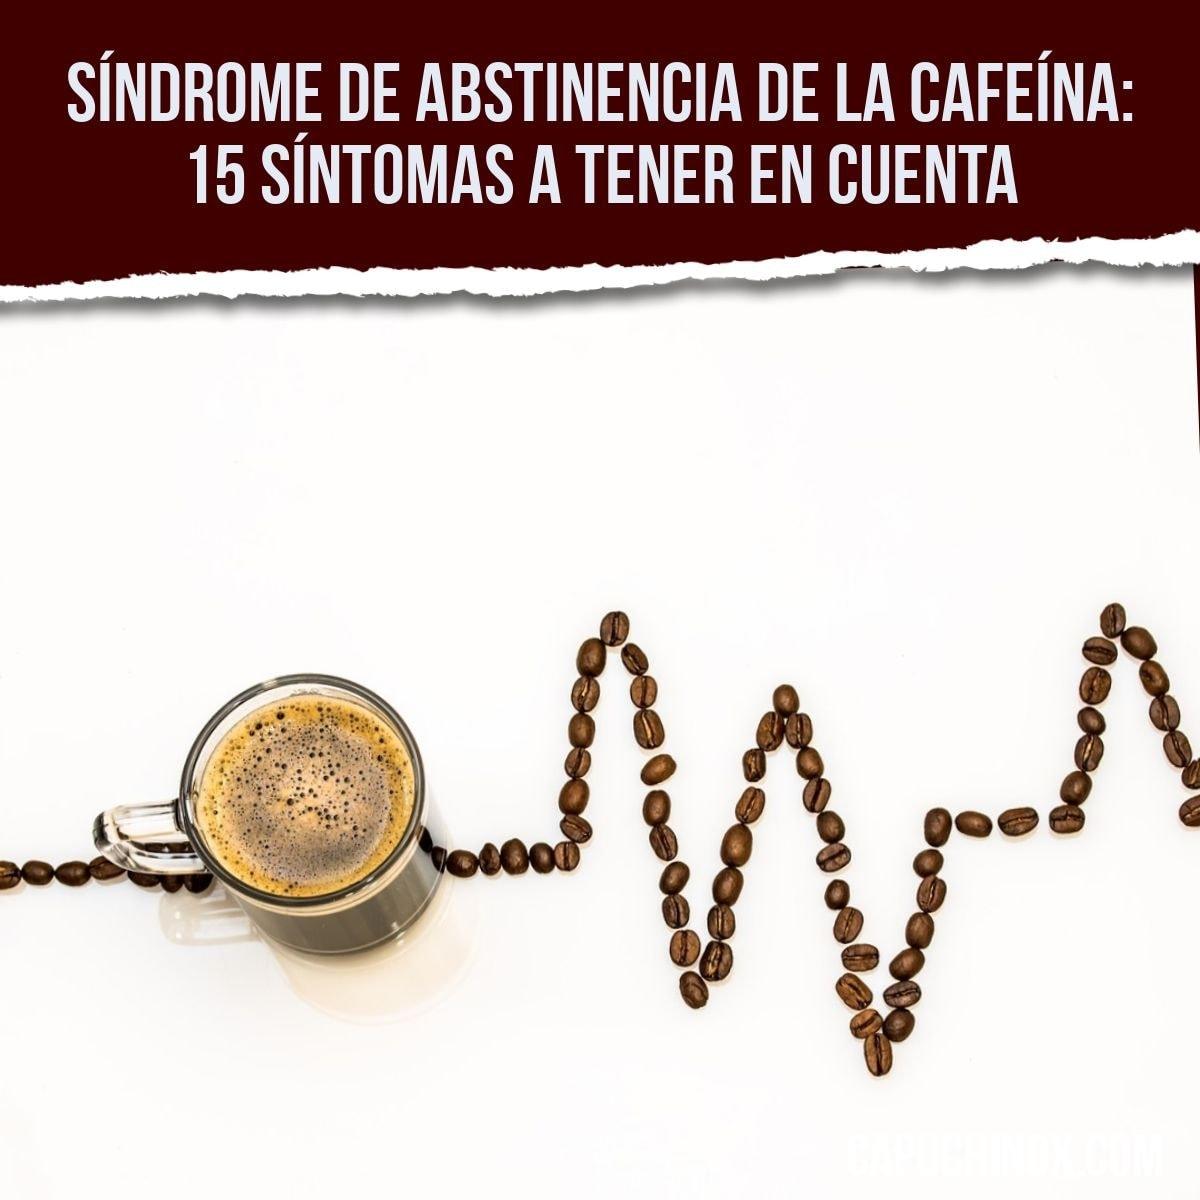 Síndrome de abstinencia de la cafeína: 15 síntomas a tener en cuenta